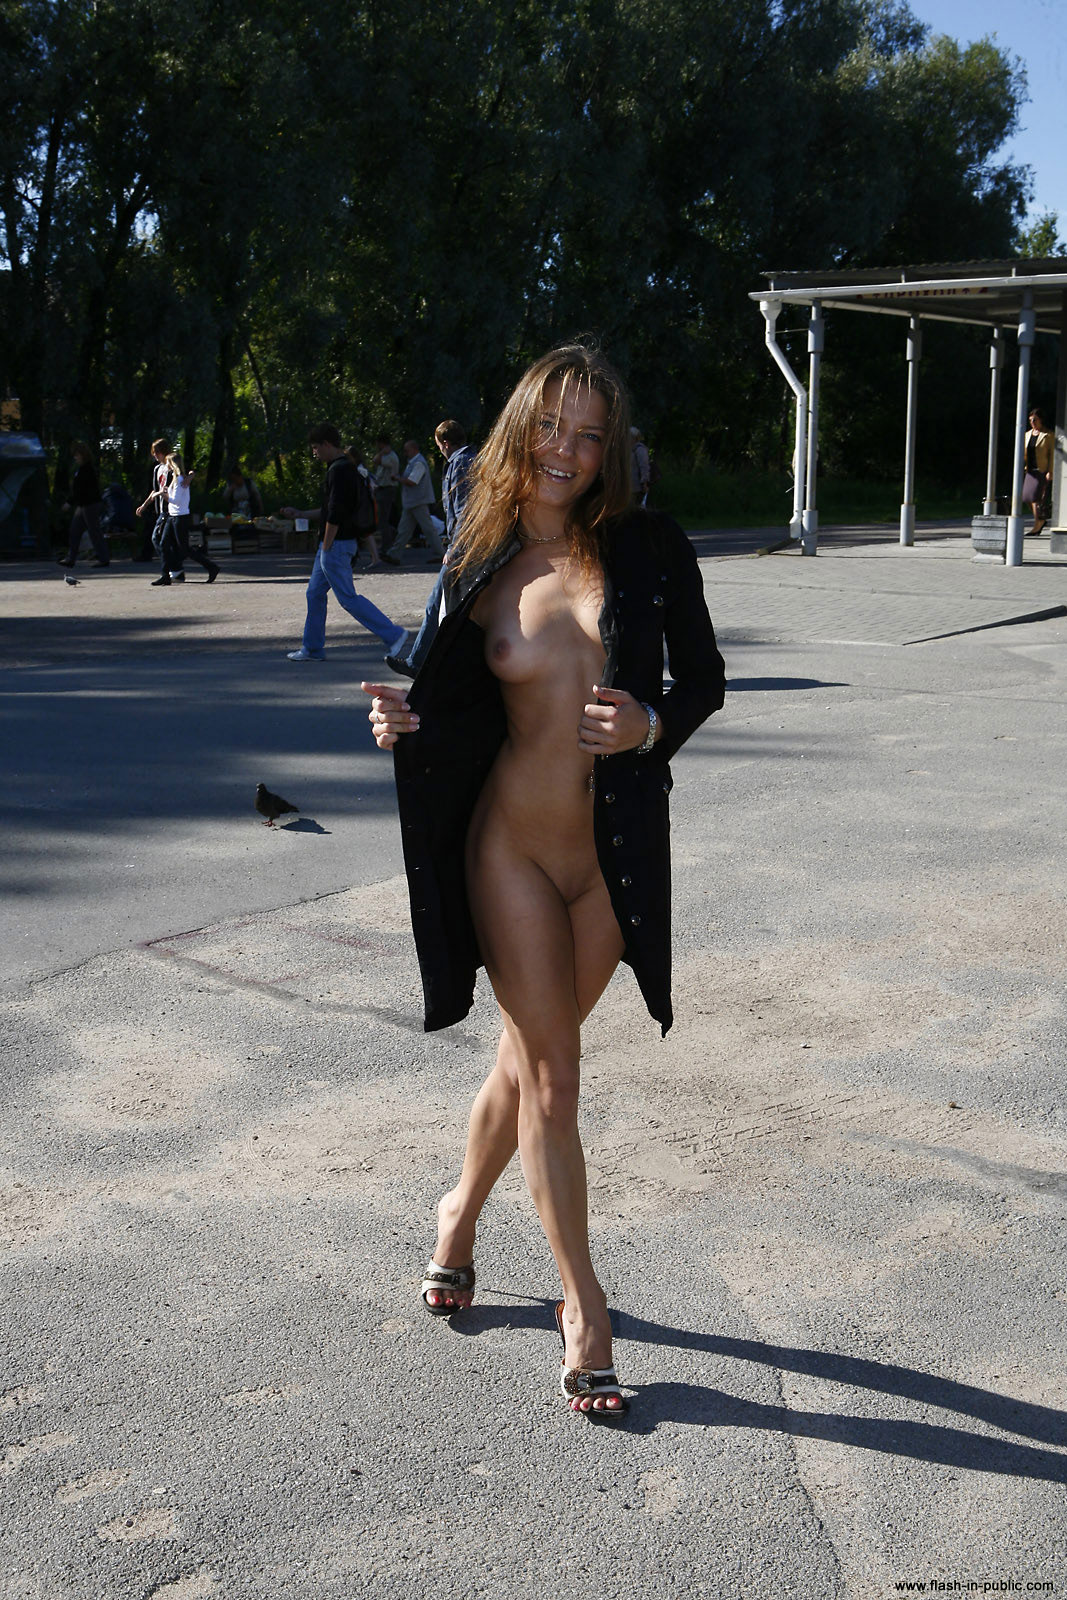 yanina-m-nude-walk-around-the-town-flash-in-public-16